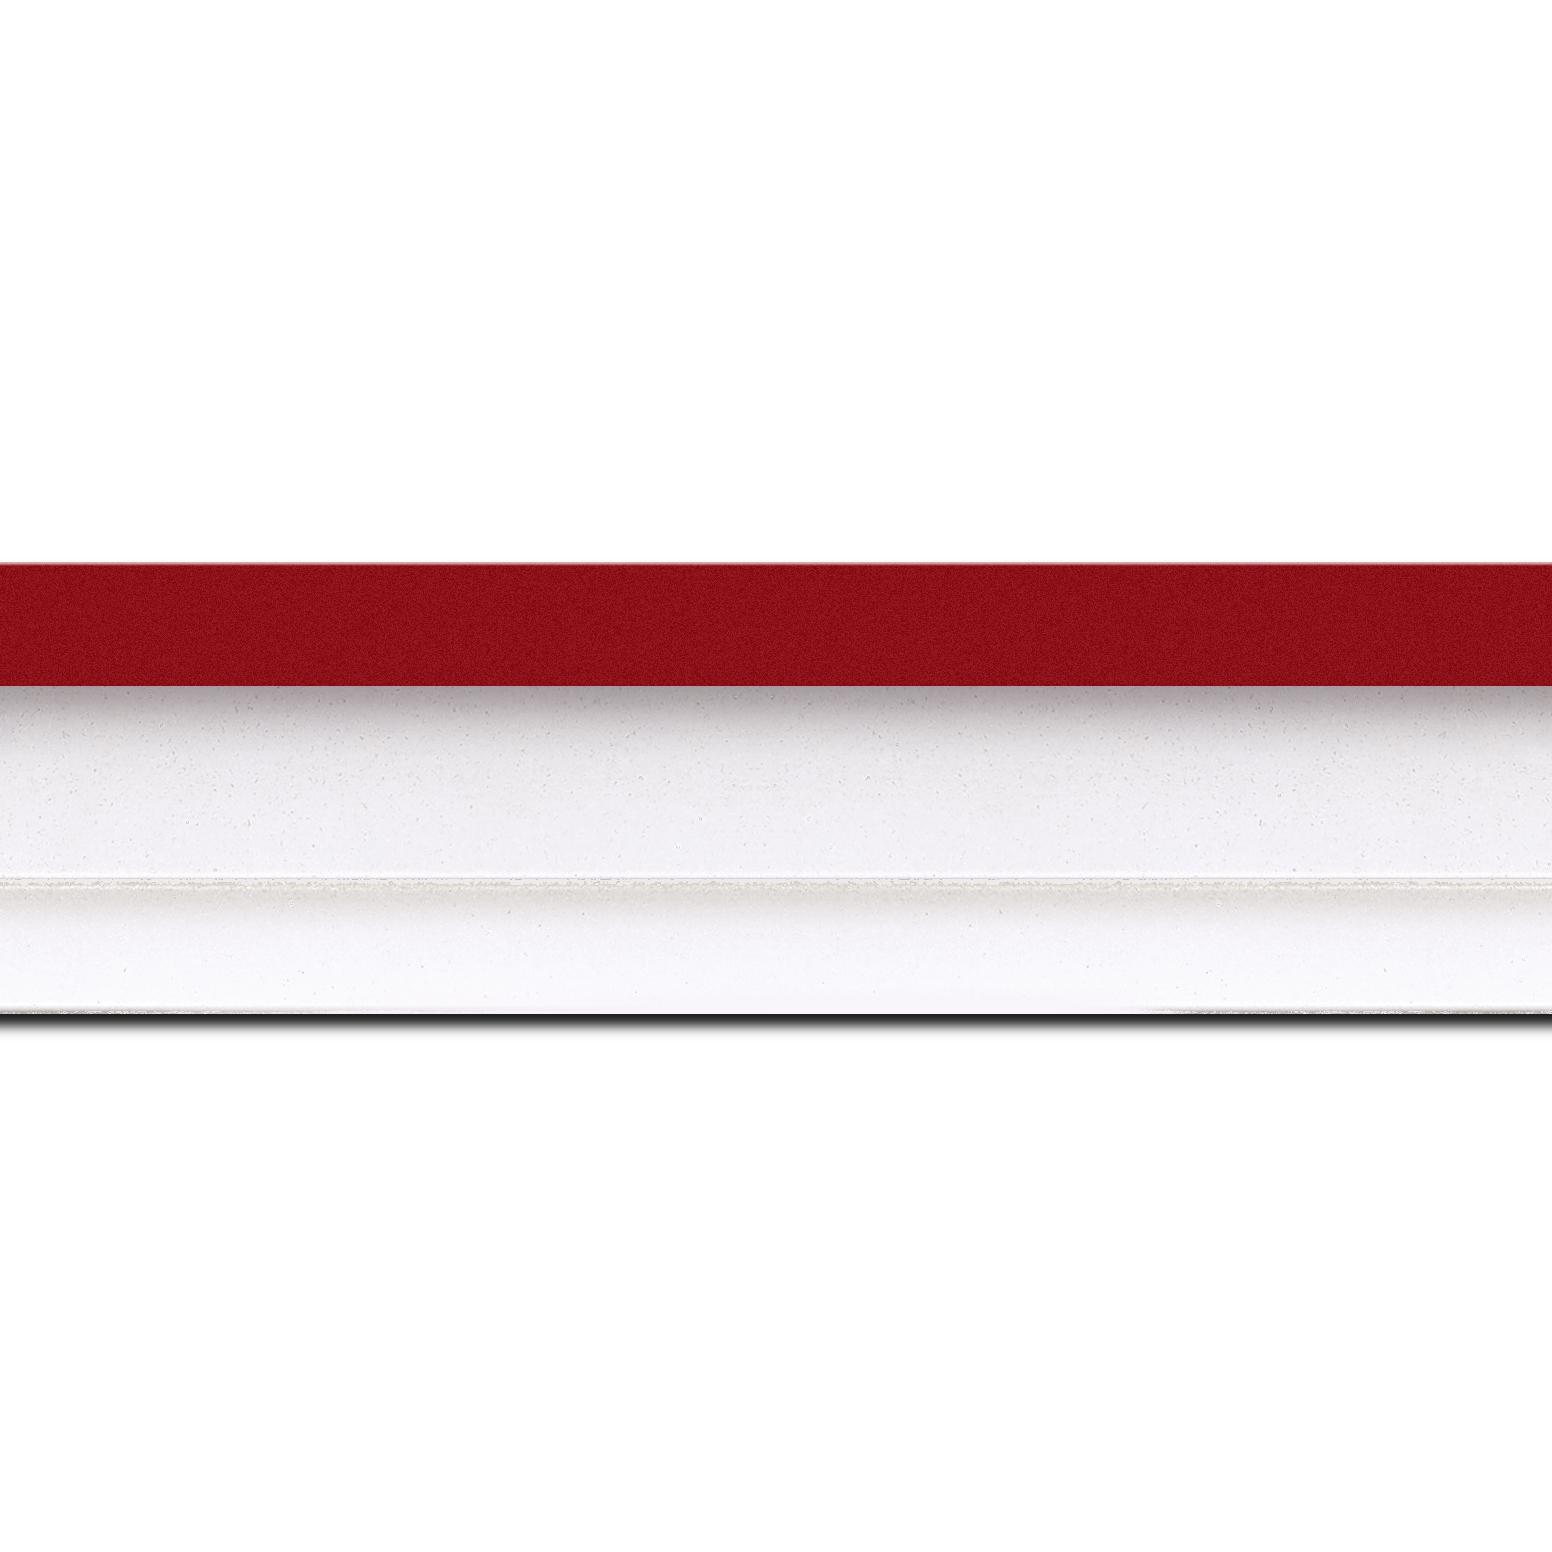 Baguette longueur 1.40m bois caisse américaine profil escalier largeur 4.5cm blanc mat filet rouge (spécialement conçu pour les châssis d'une épaisseur jusqu'à 2.5cm )